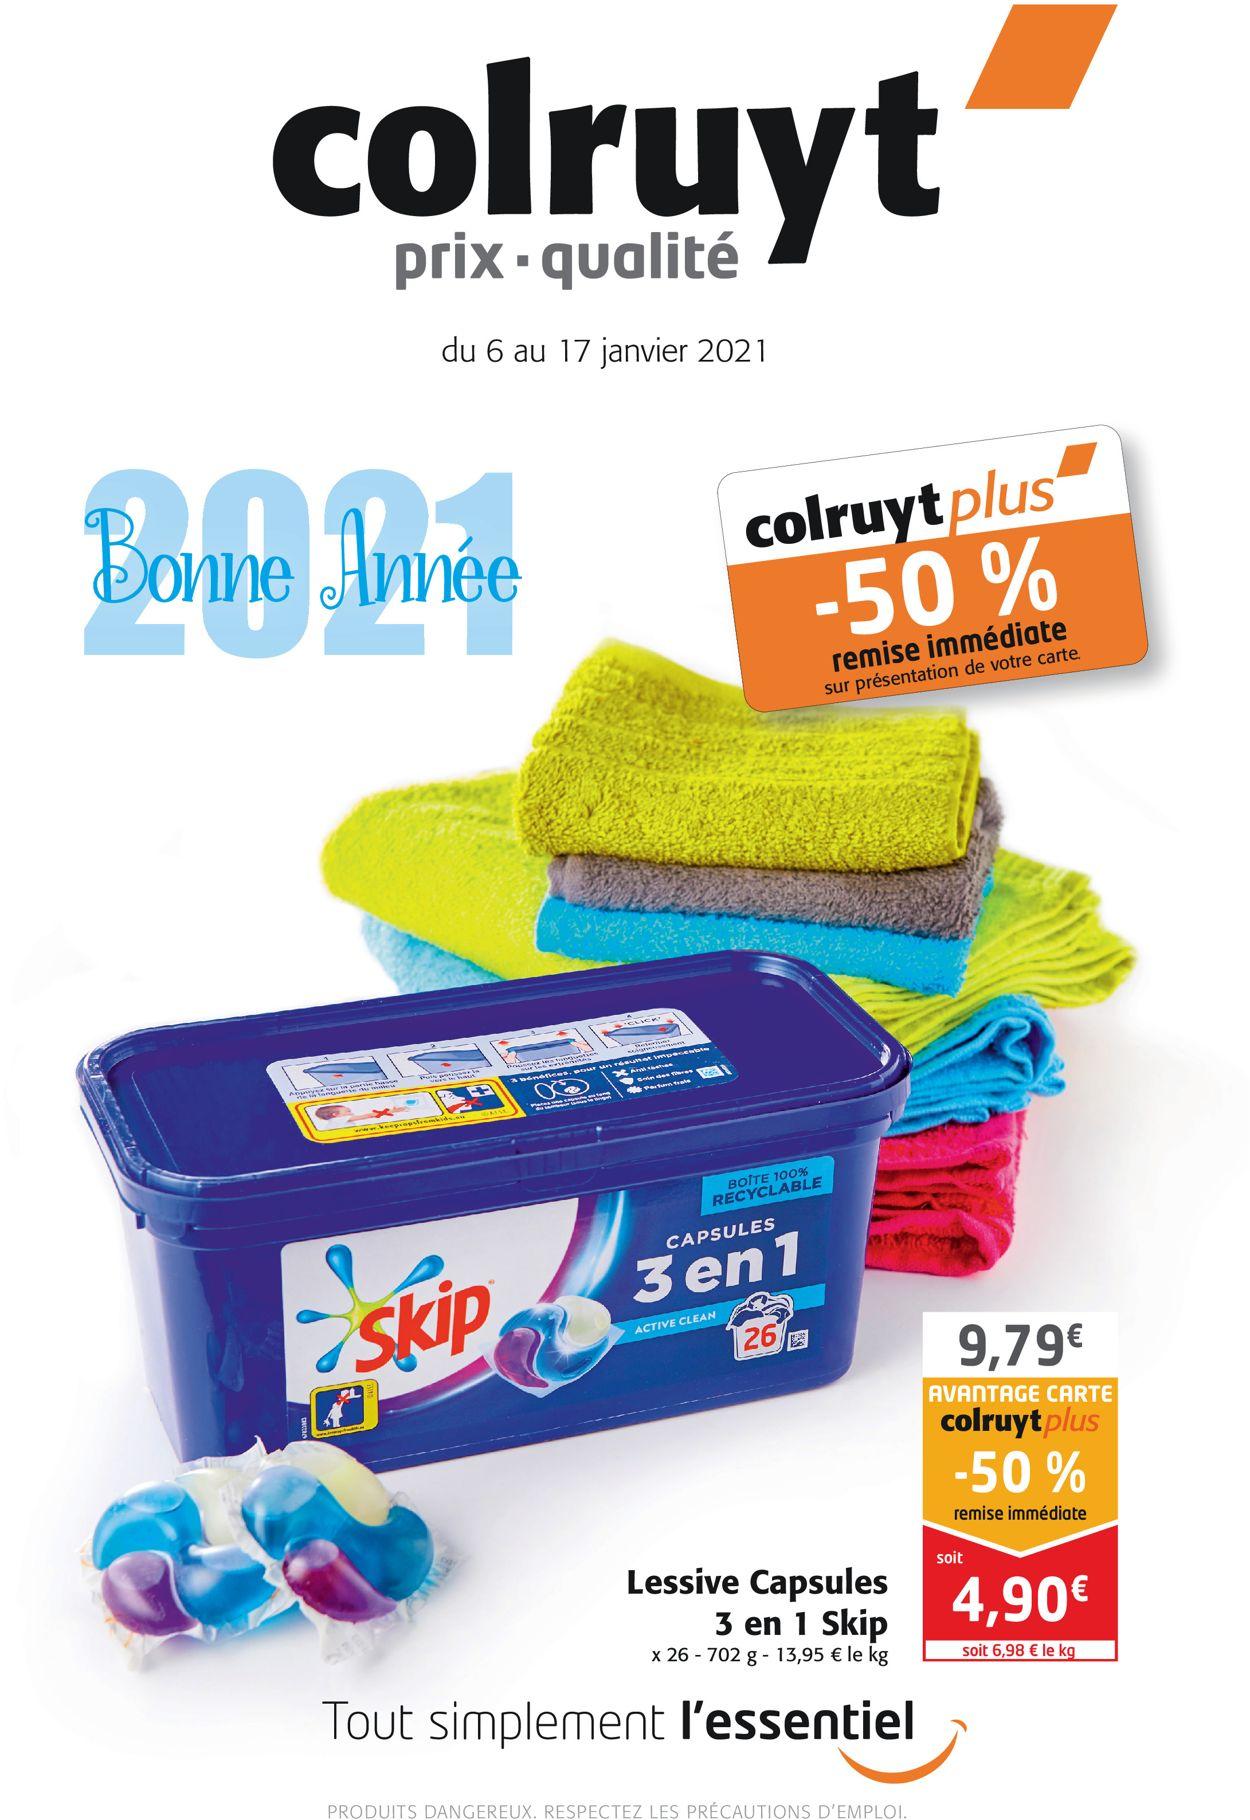 Colruyt Bonne Année 2021 Catalogue - 06.01-17.01.2021